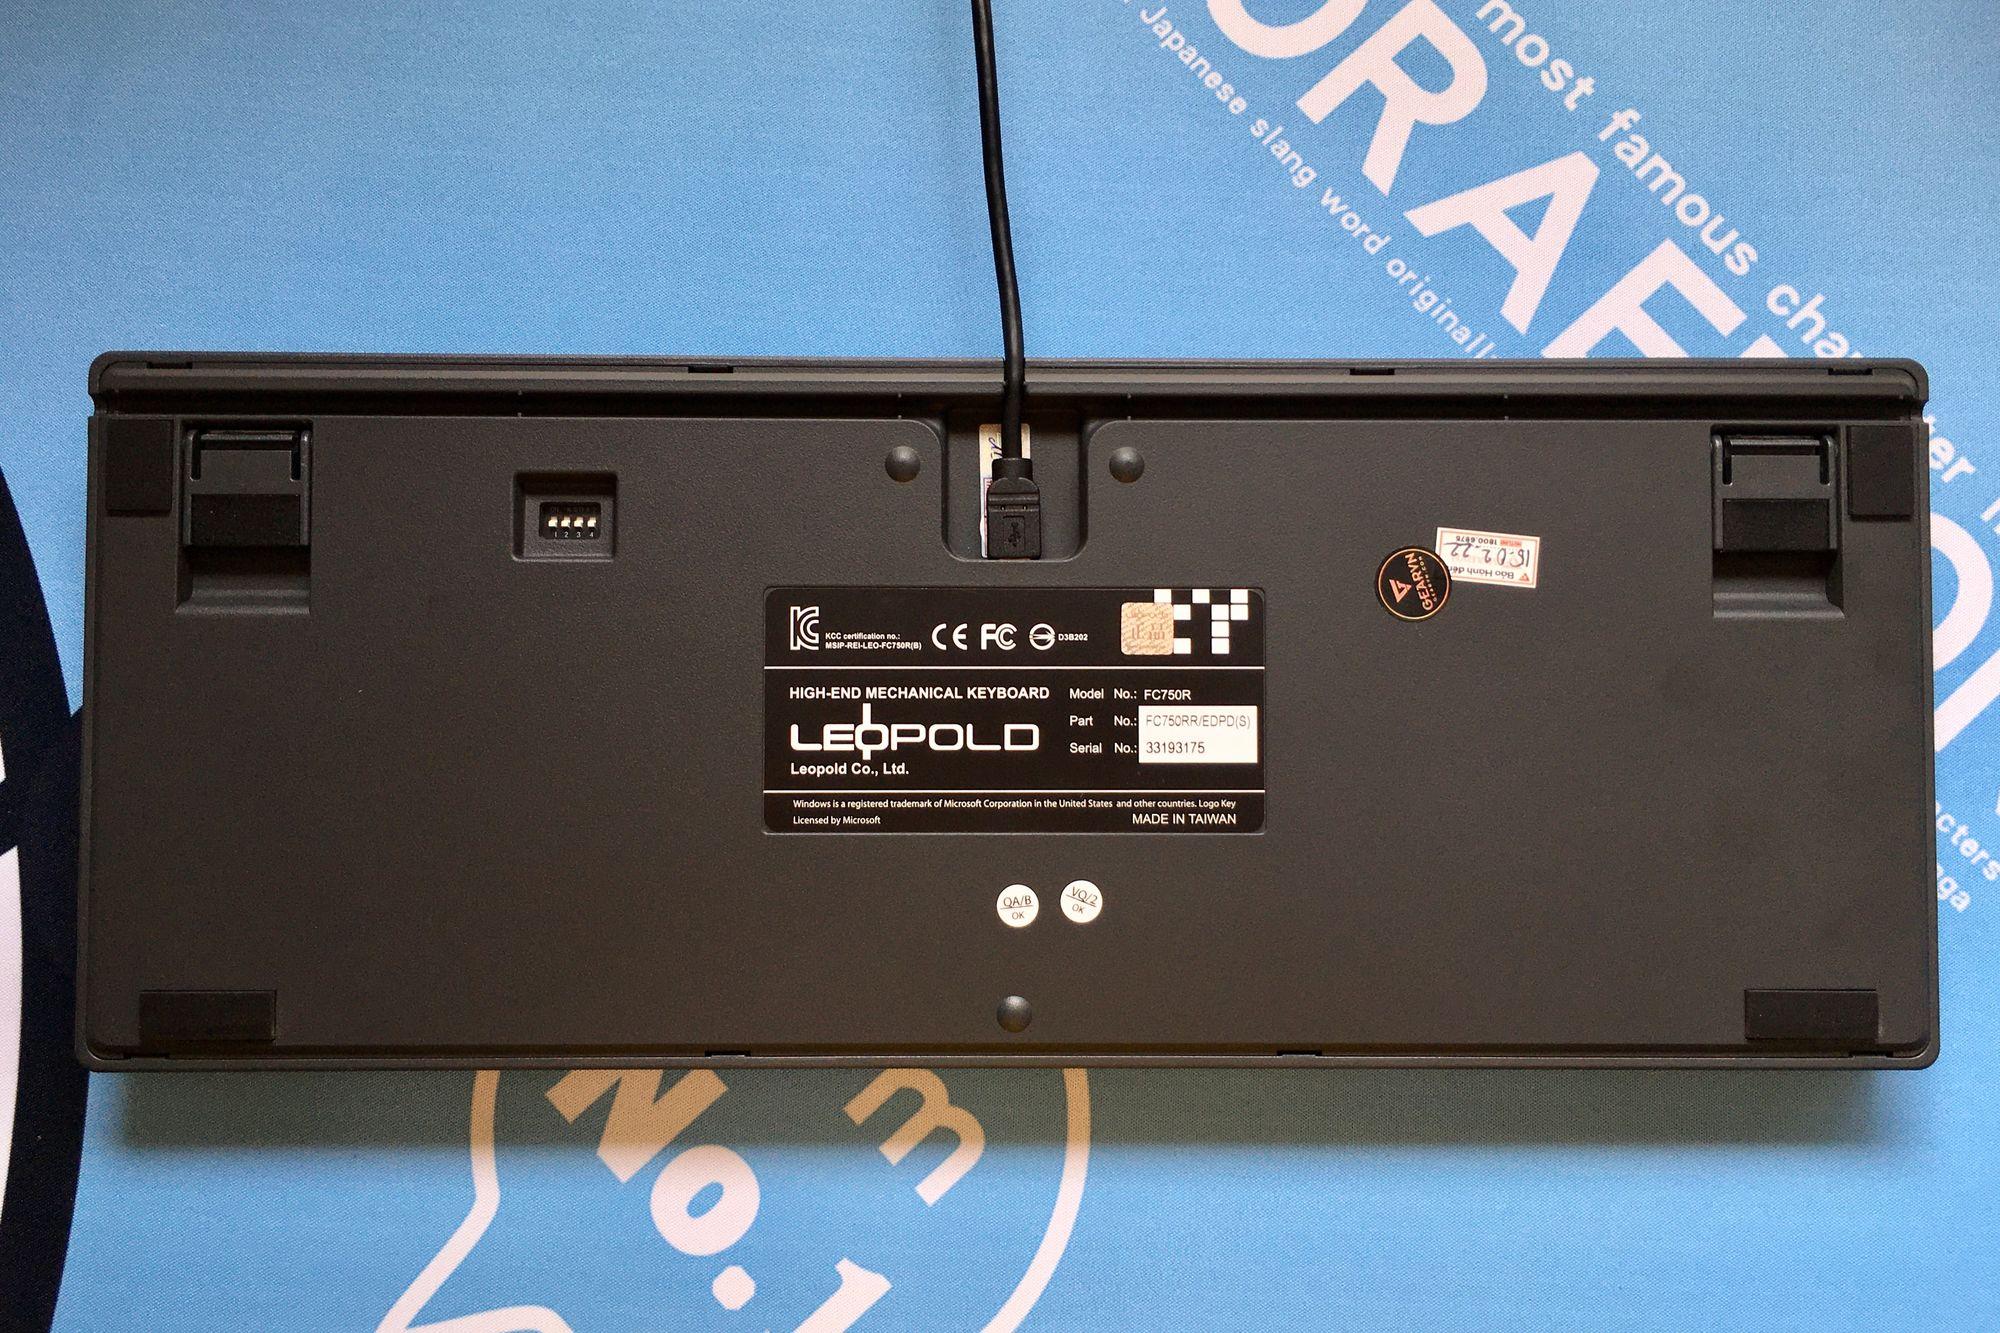 Mặt đáy với 3 đường đi dây và DIP Switches